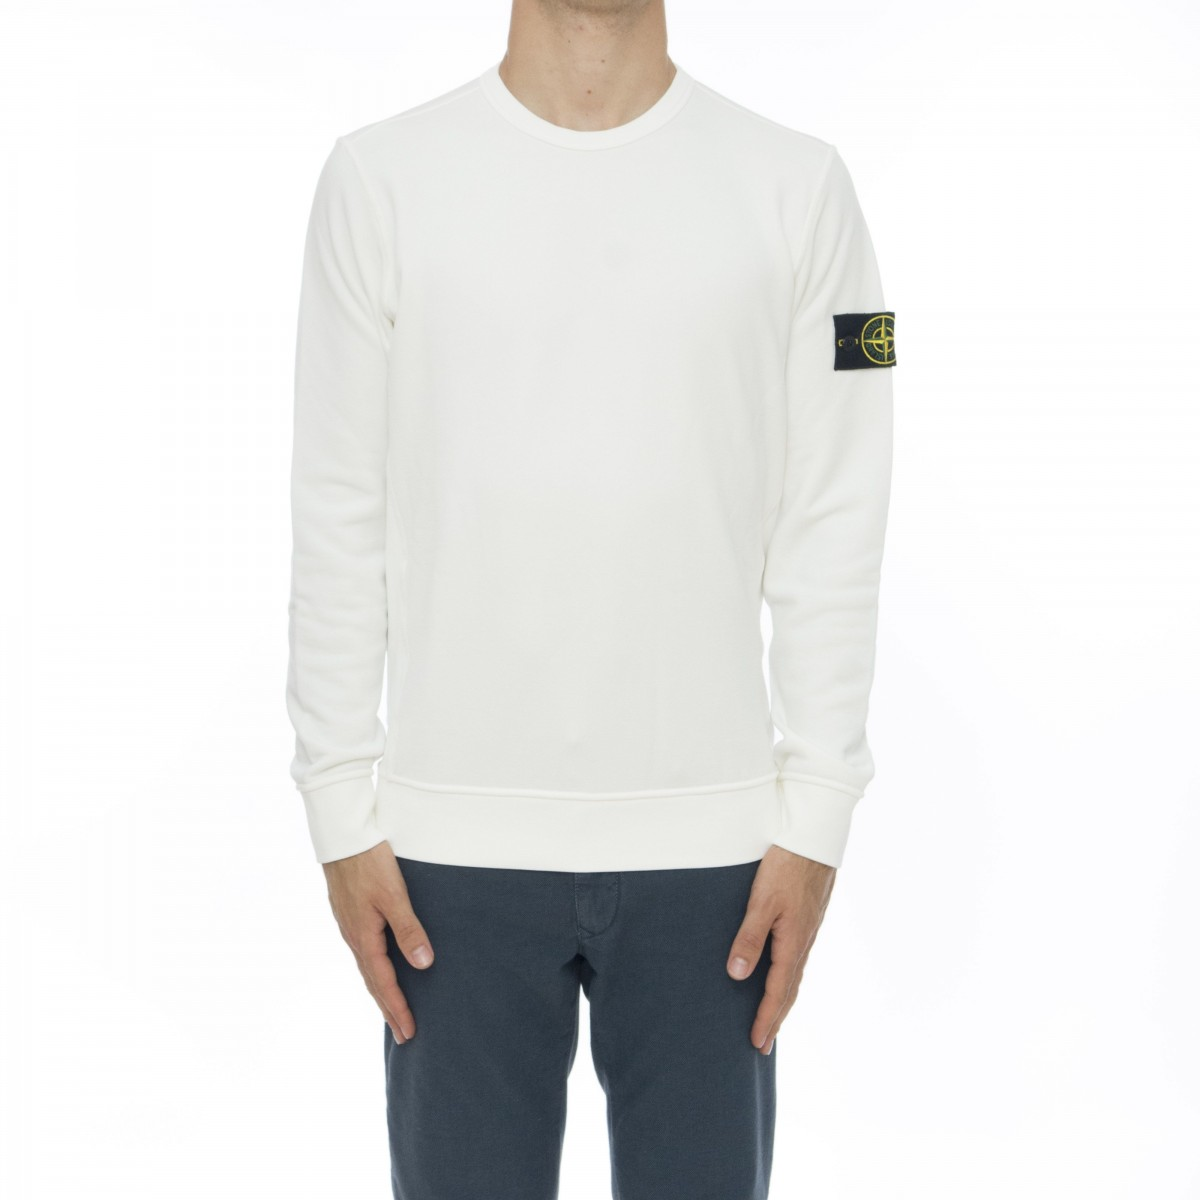 Felpa - 65247 felpa nylon cotone